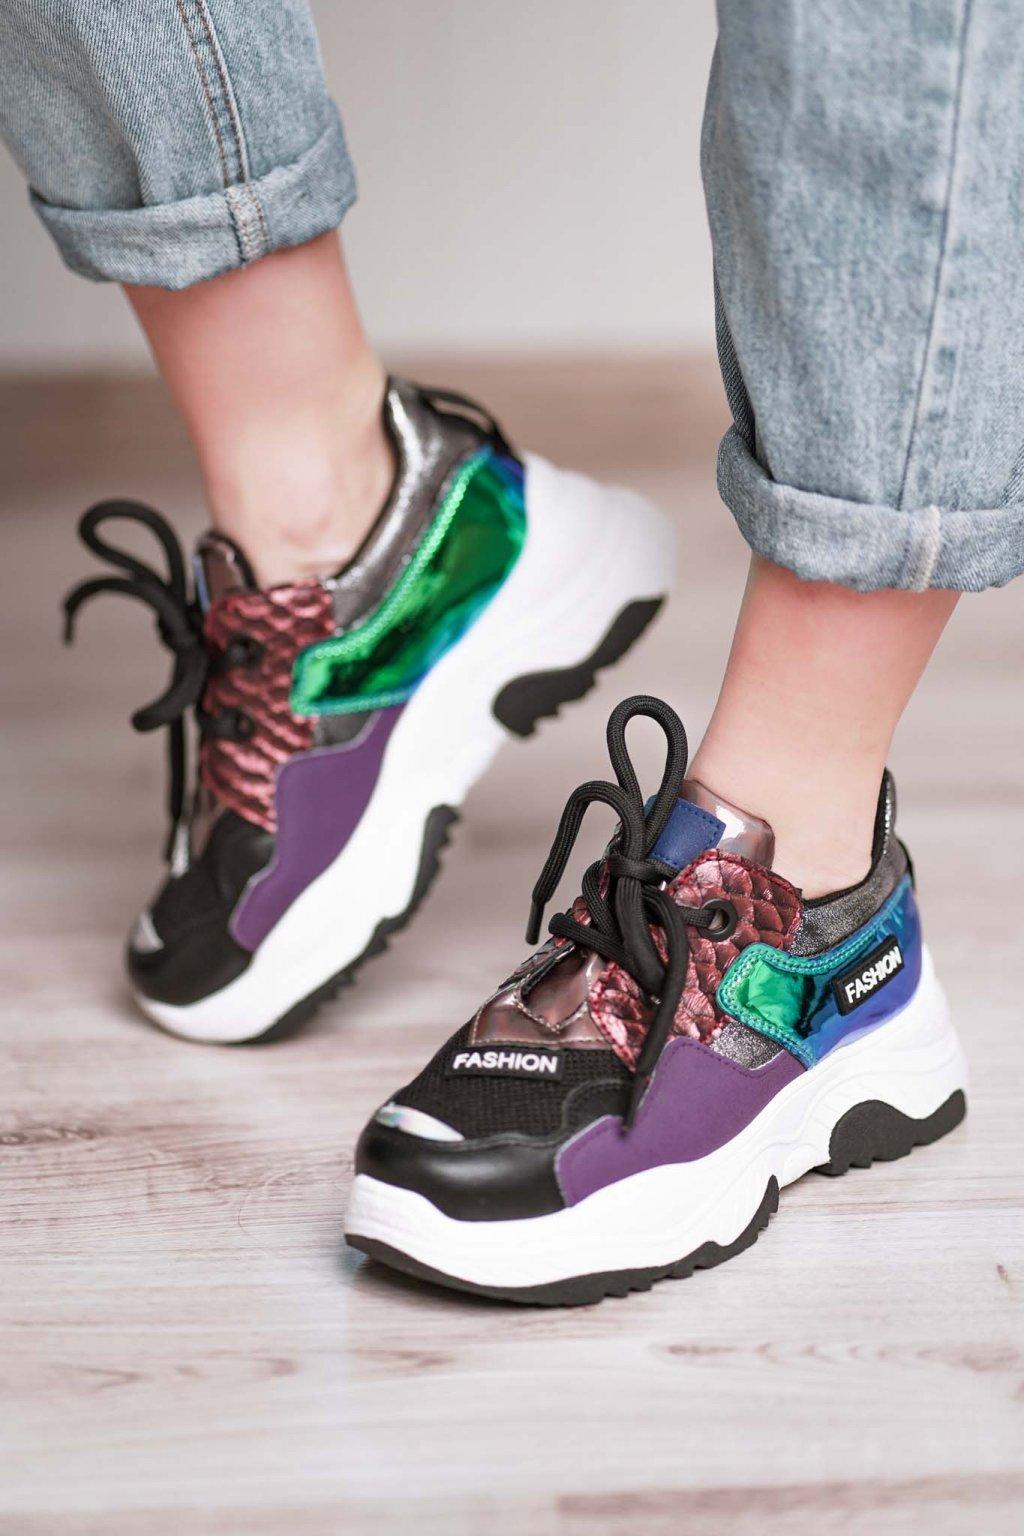 topánky, obuv, tenisky, botasky, lodičky, čižmy, šľapky, sandálky 391